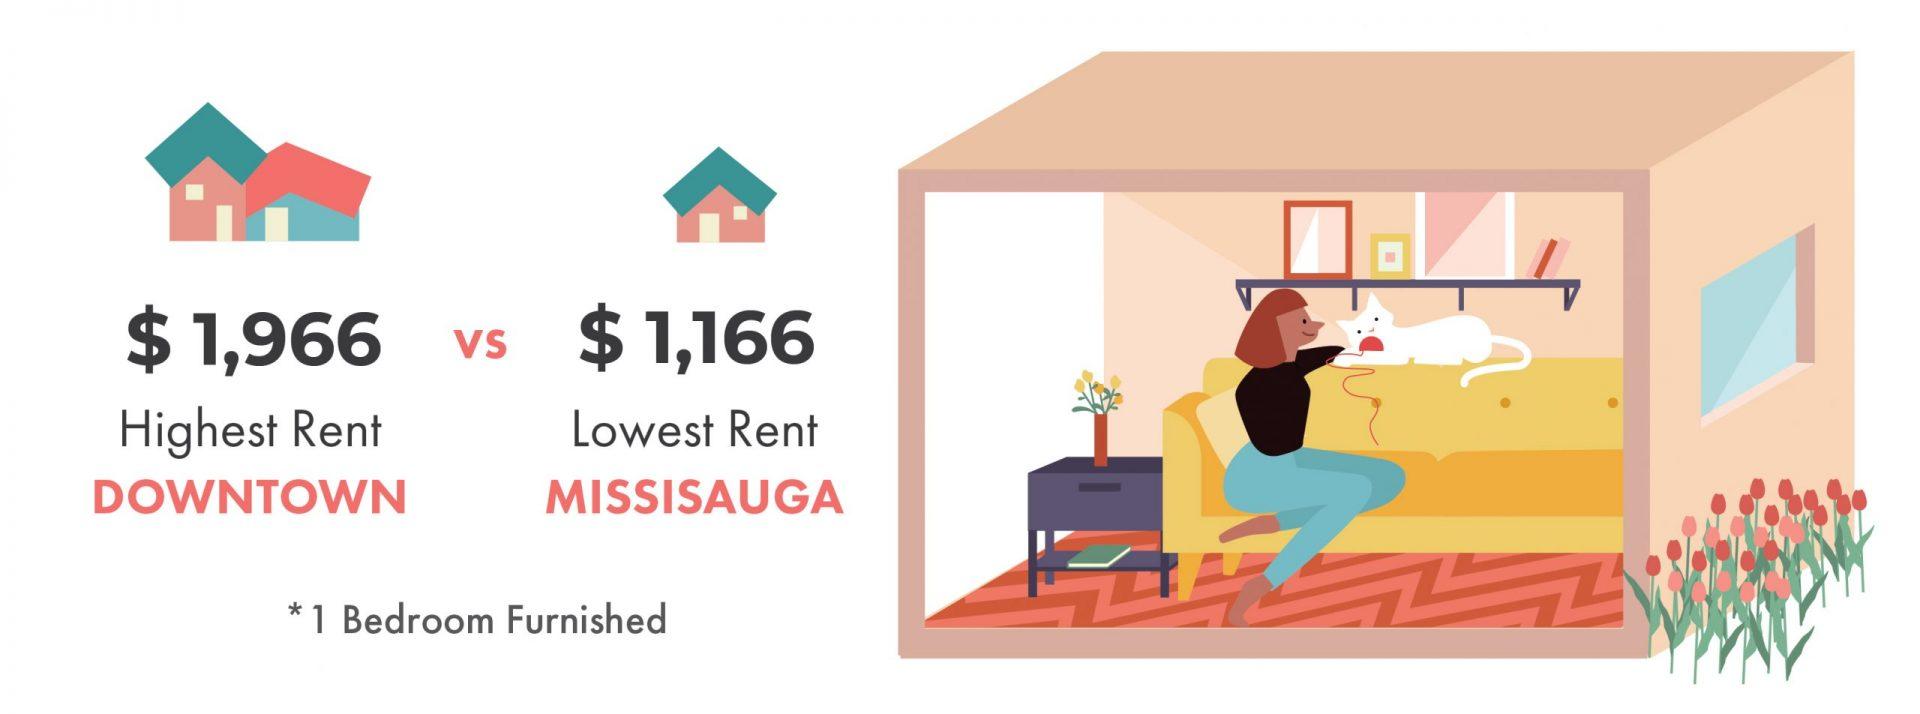 Average Rent in Toronto   Highest vs. Cheapest Rent